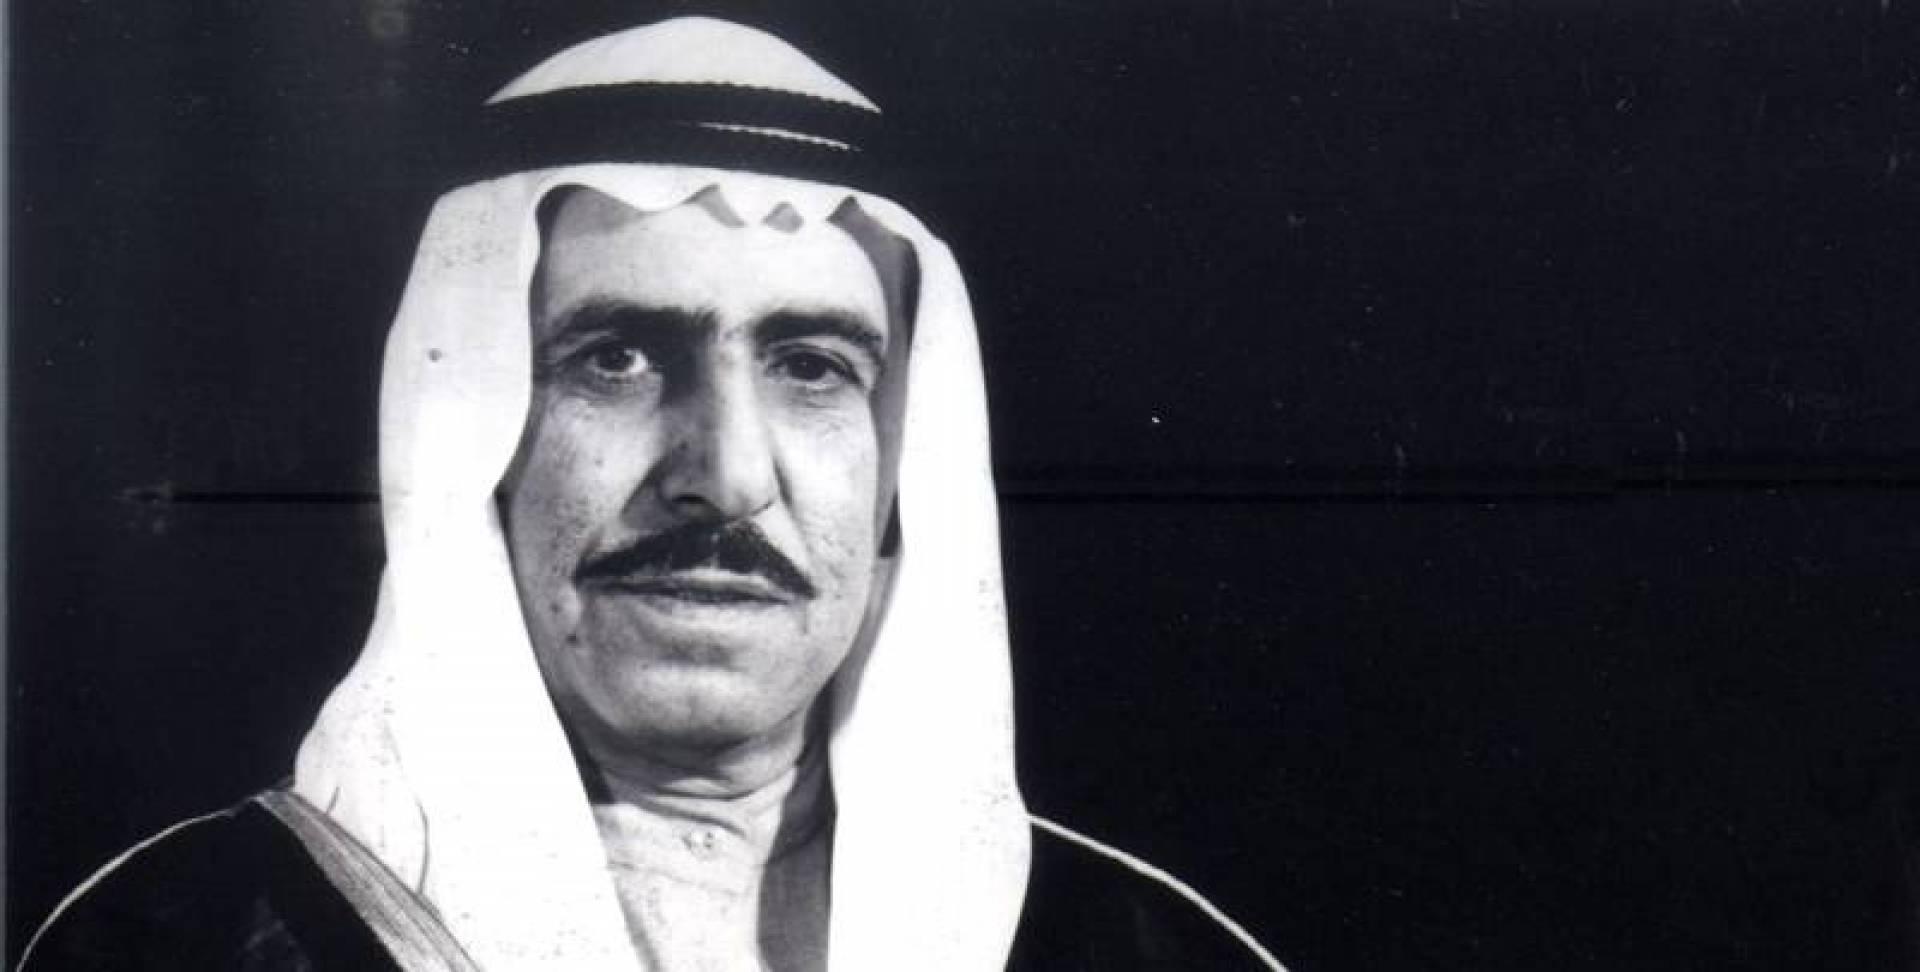 الأمير الراحل الشيخ صباح السالم الصباح.. أرشيفية